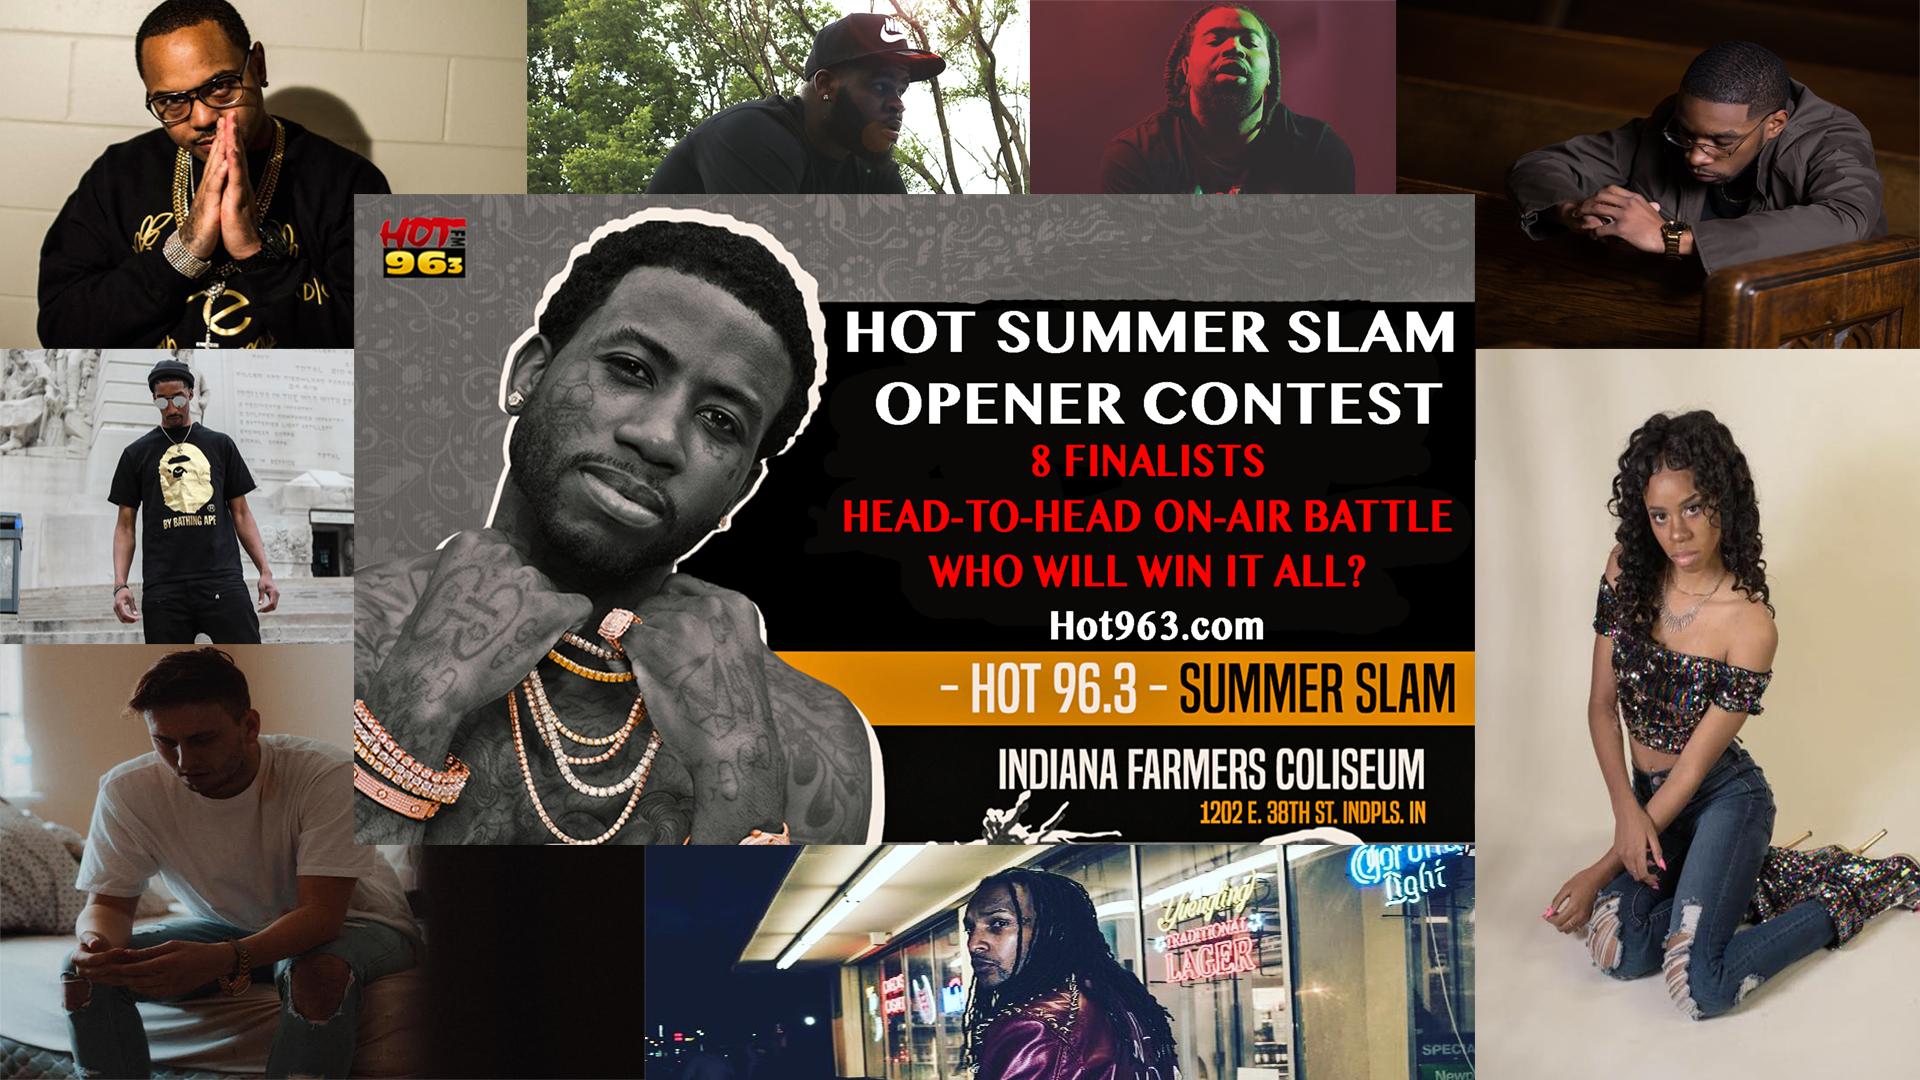 Hot Summer Slam Opener Contest Bracket 2018